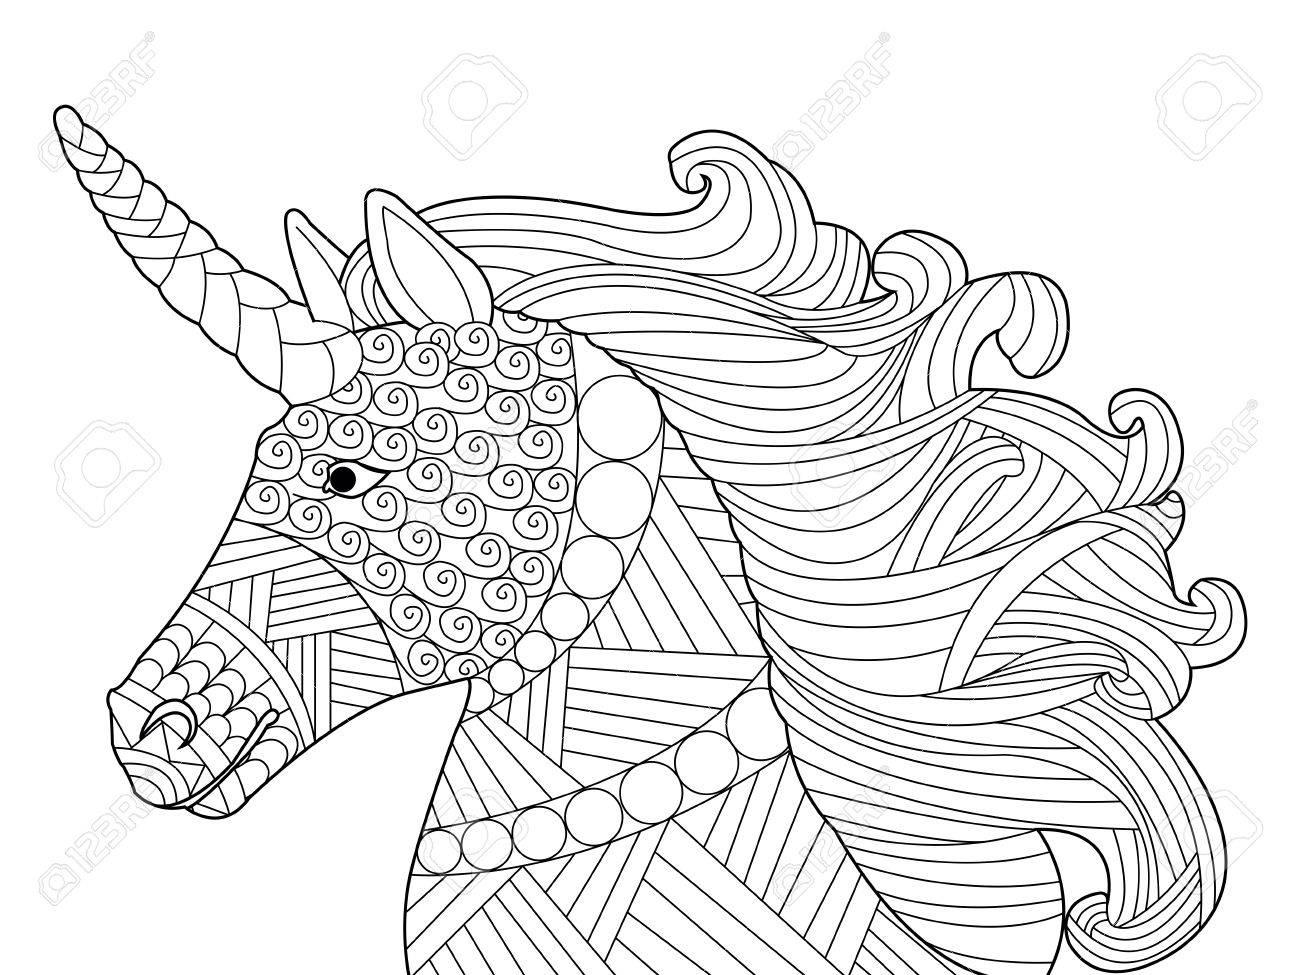 Libro Para Colorear Cabeza De Unicornio Para Los Adultos Como Vector De Líneas Blancas Y Negras Modelo Del Cordón